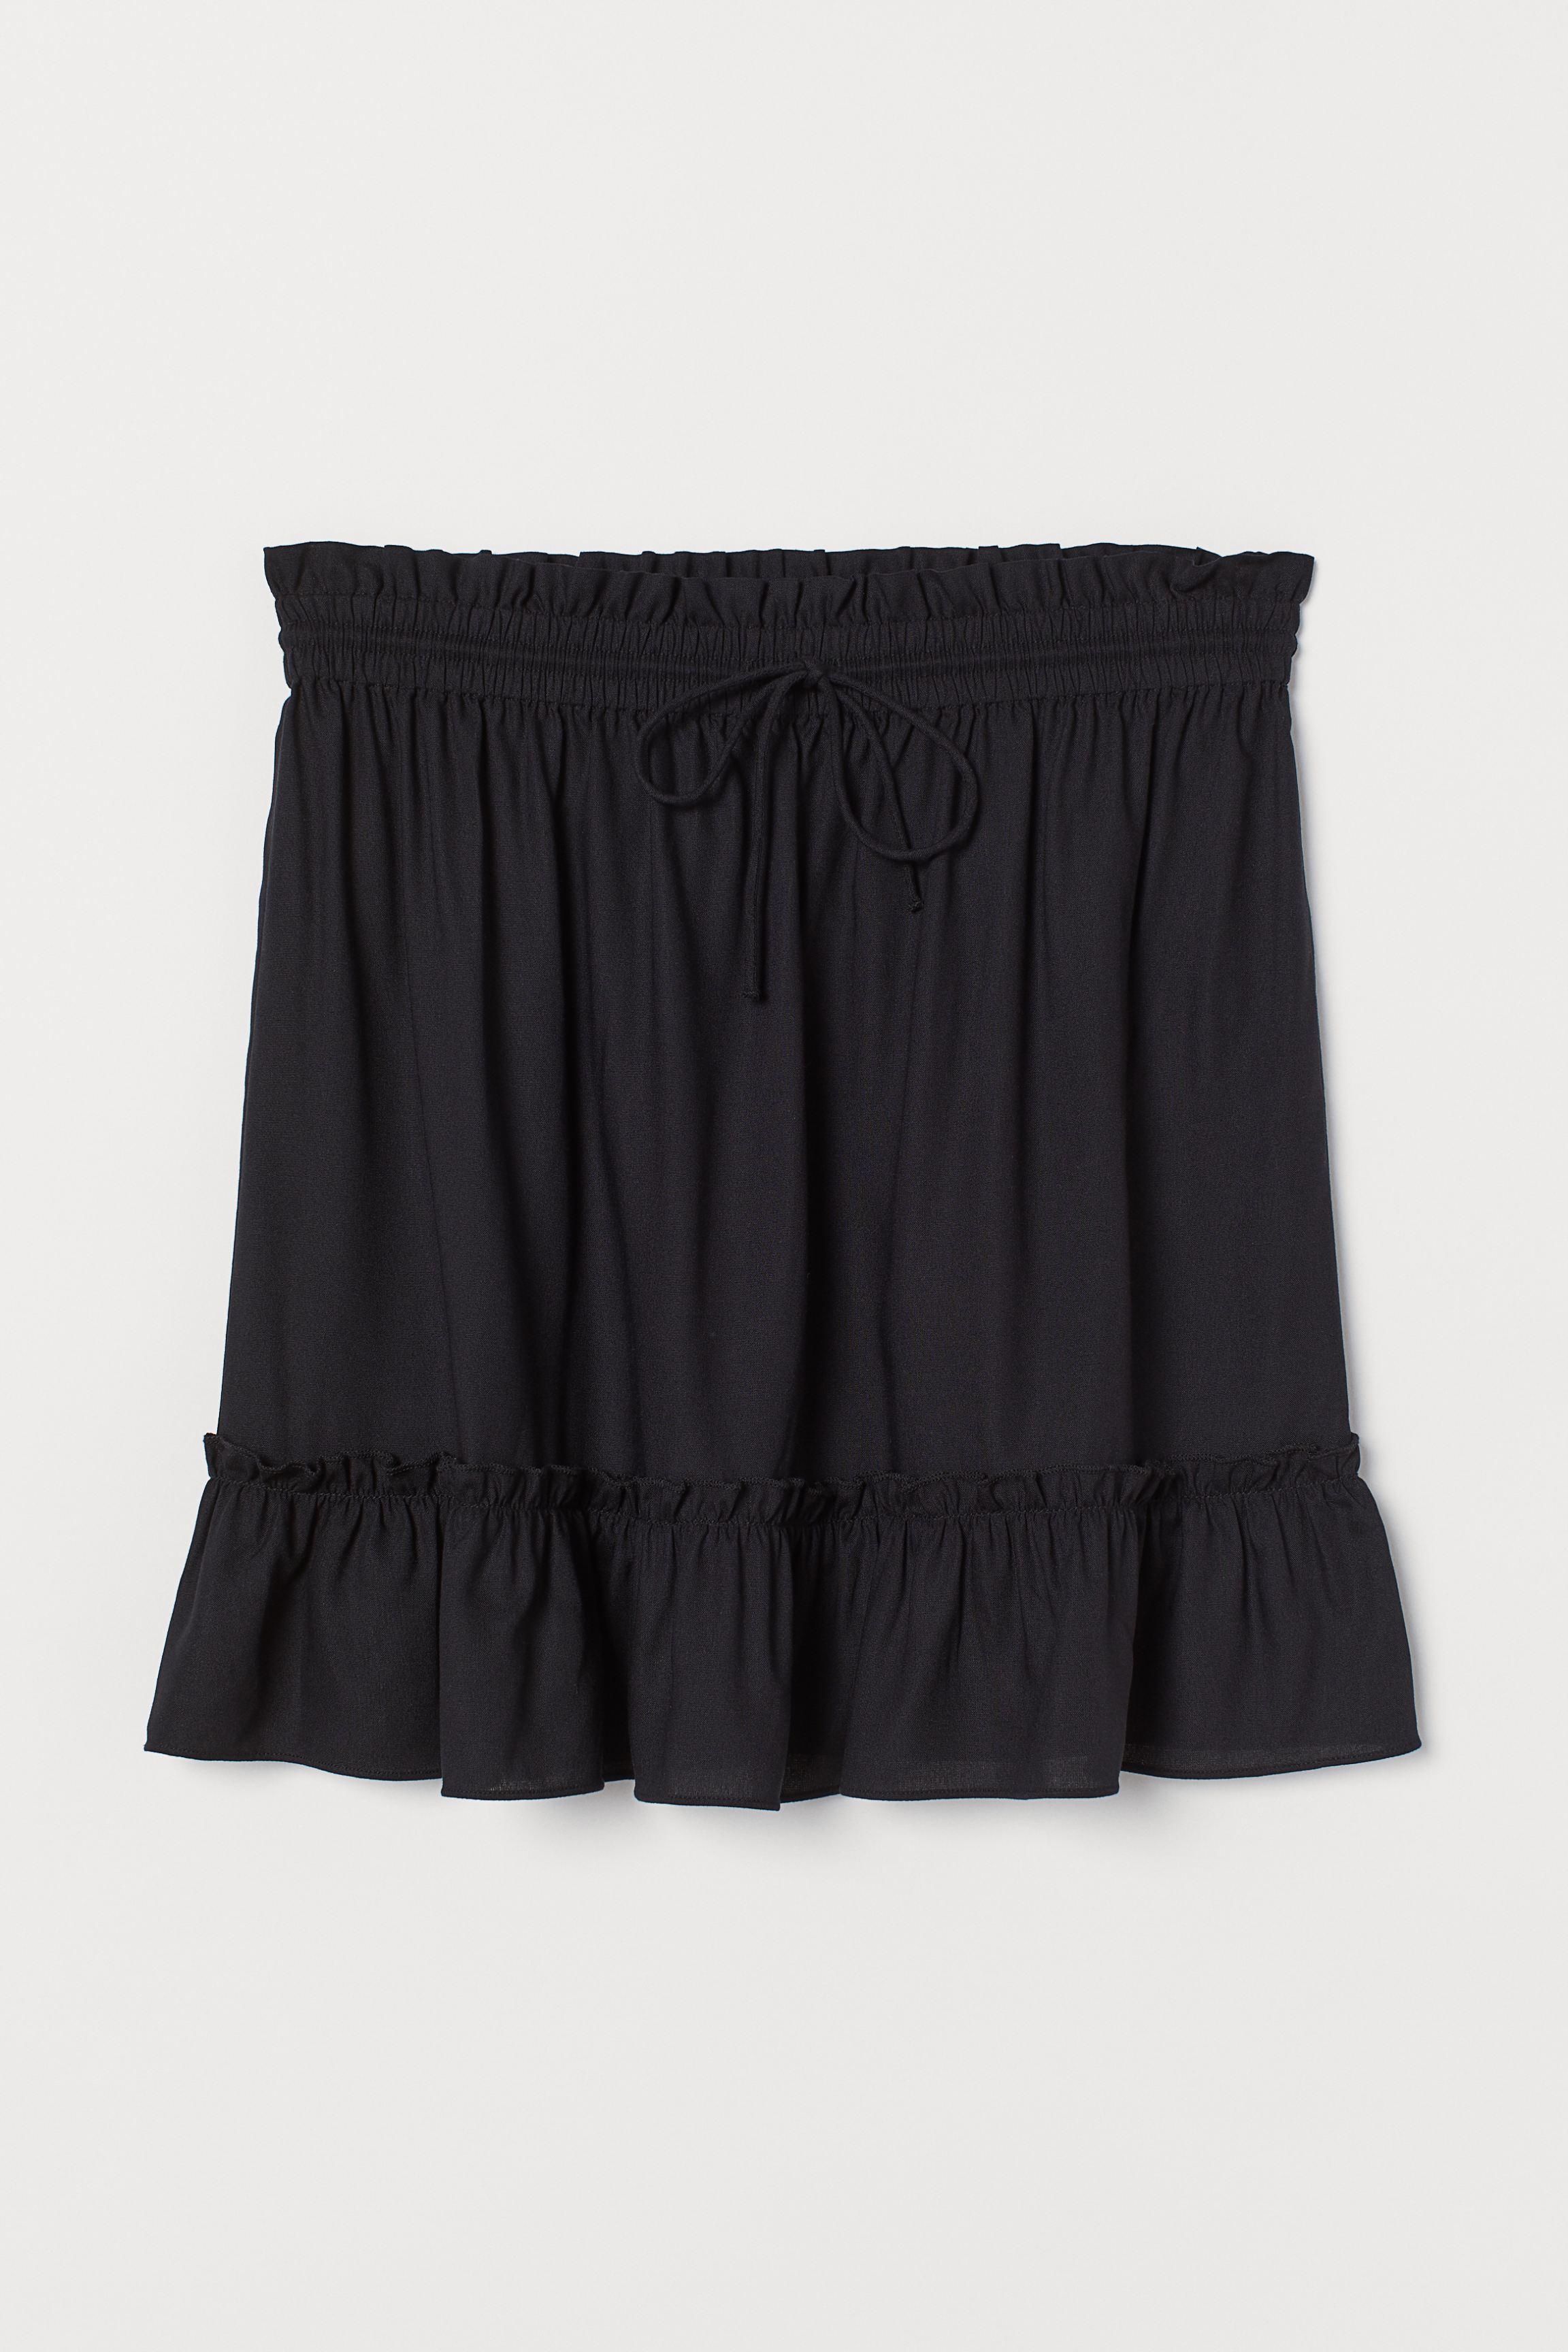 Short Ruffled Skirt